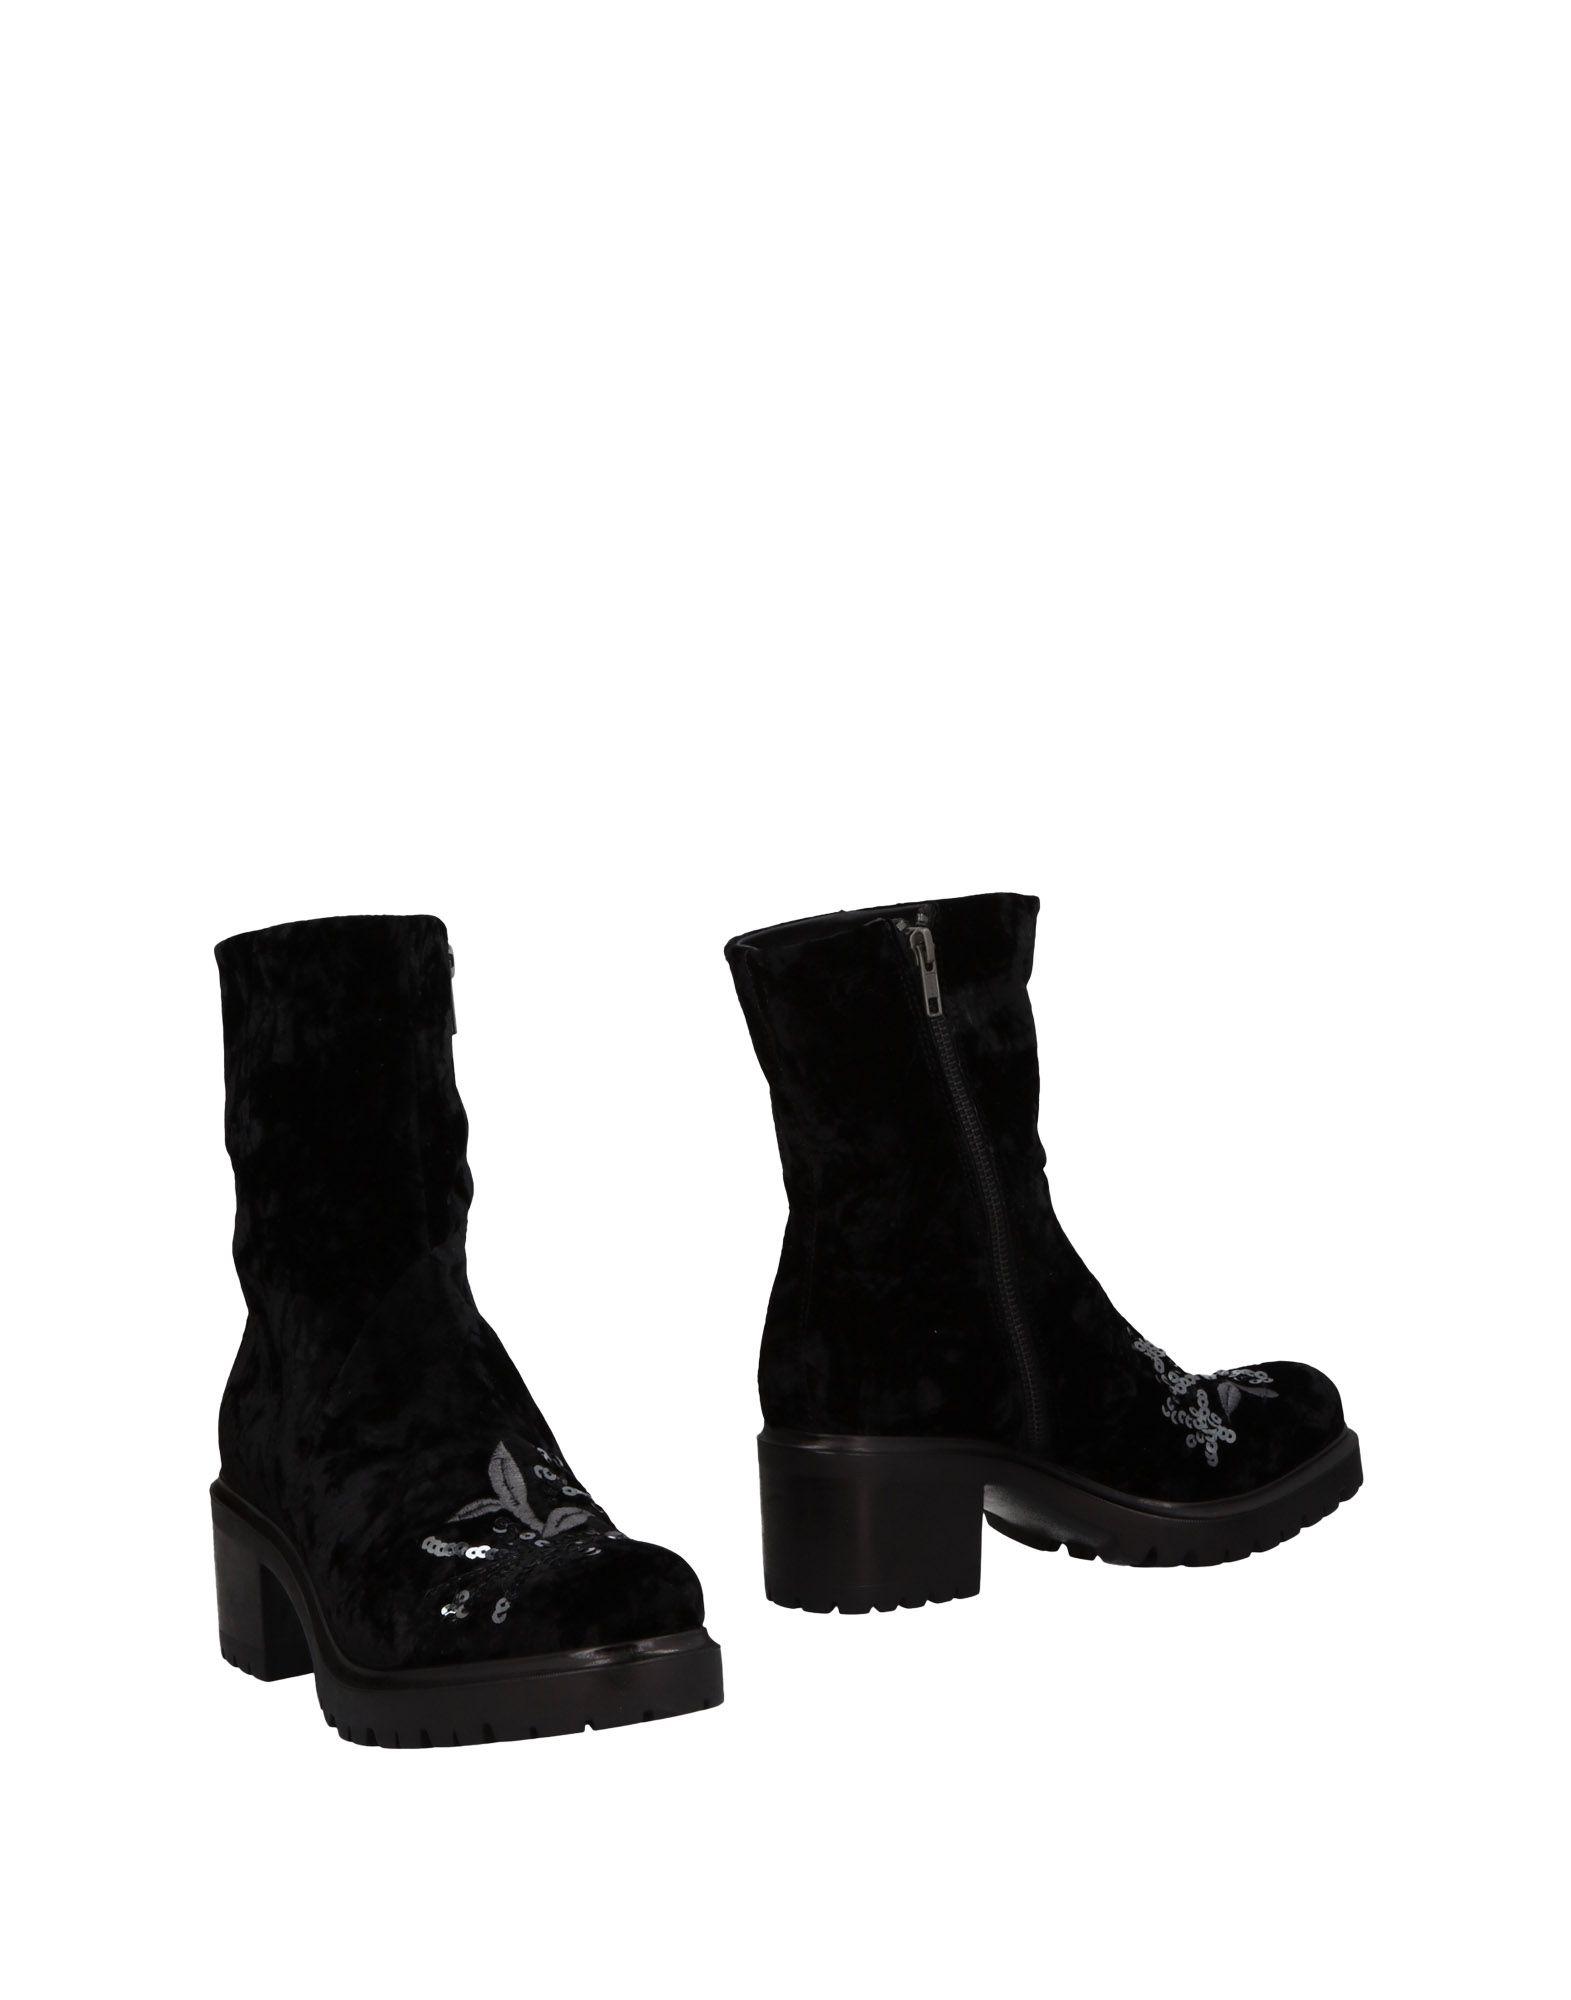 Alexander Hotto Stiefelette Damen  11474033RUGut aussehende strapazierfähige Schuhe